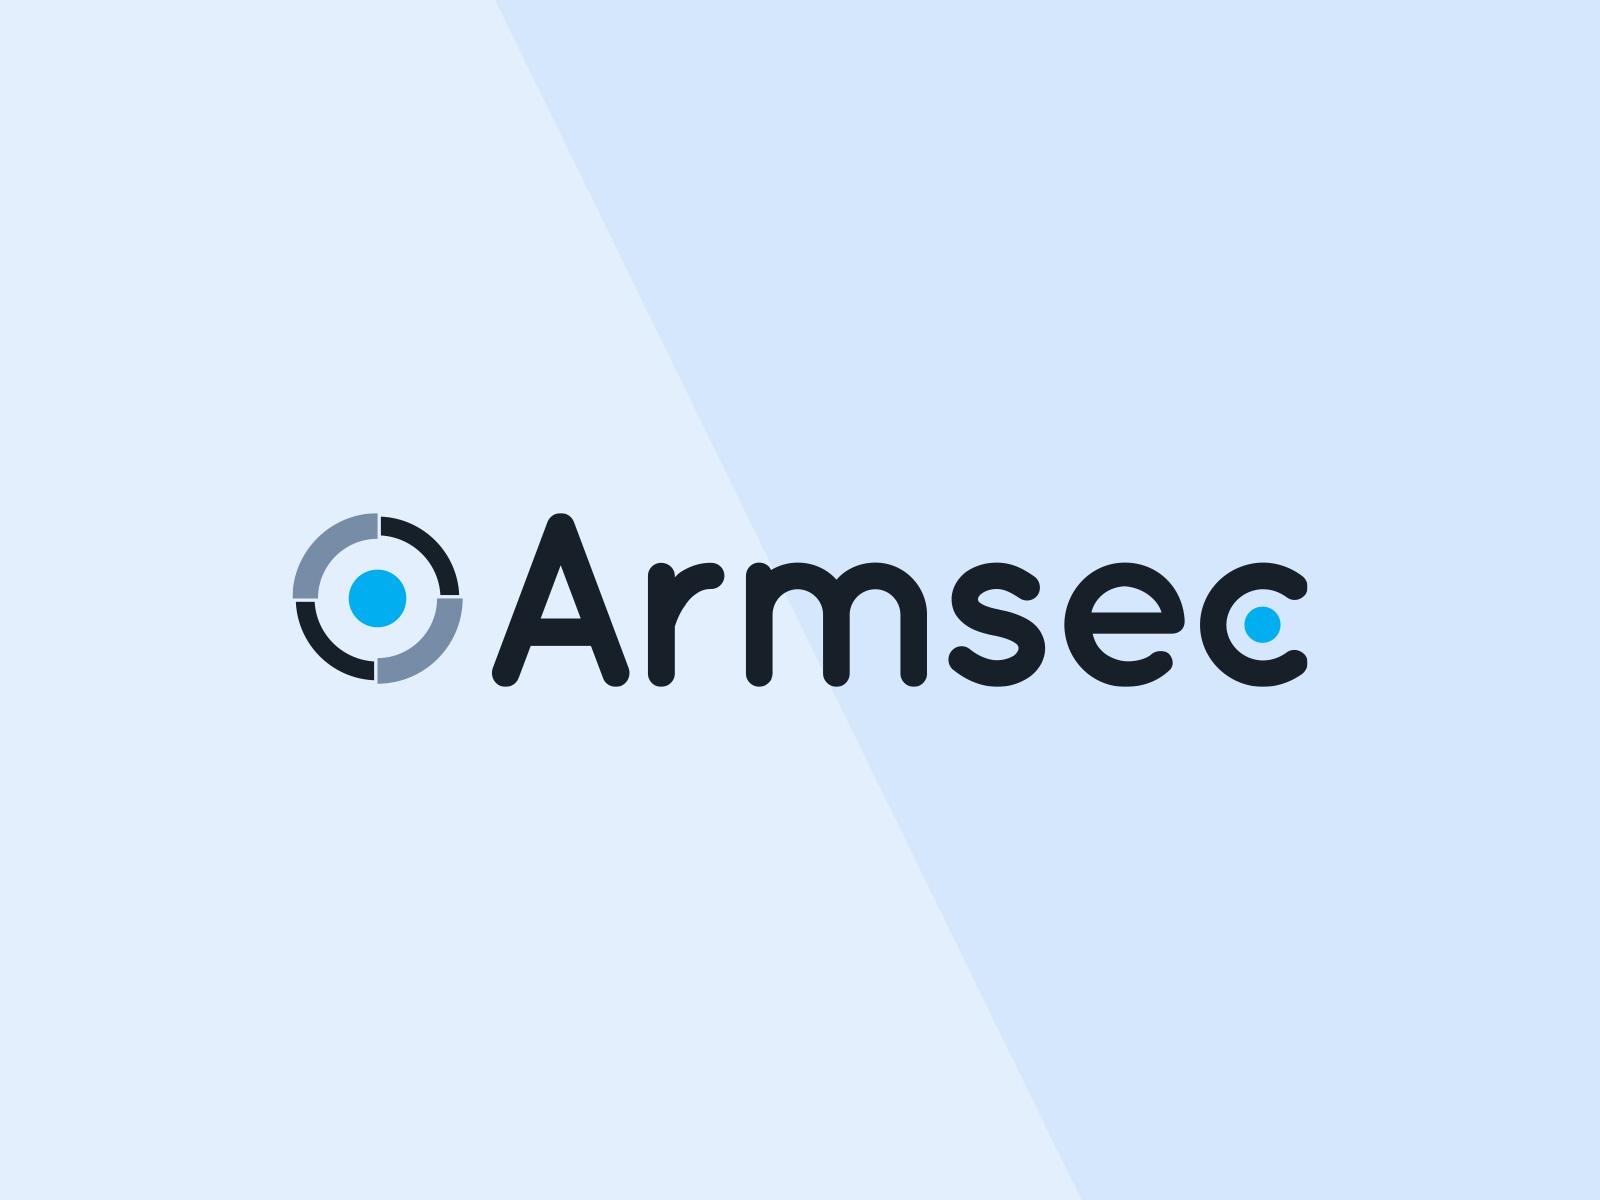 armsec logo